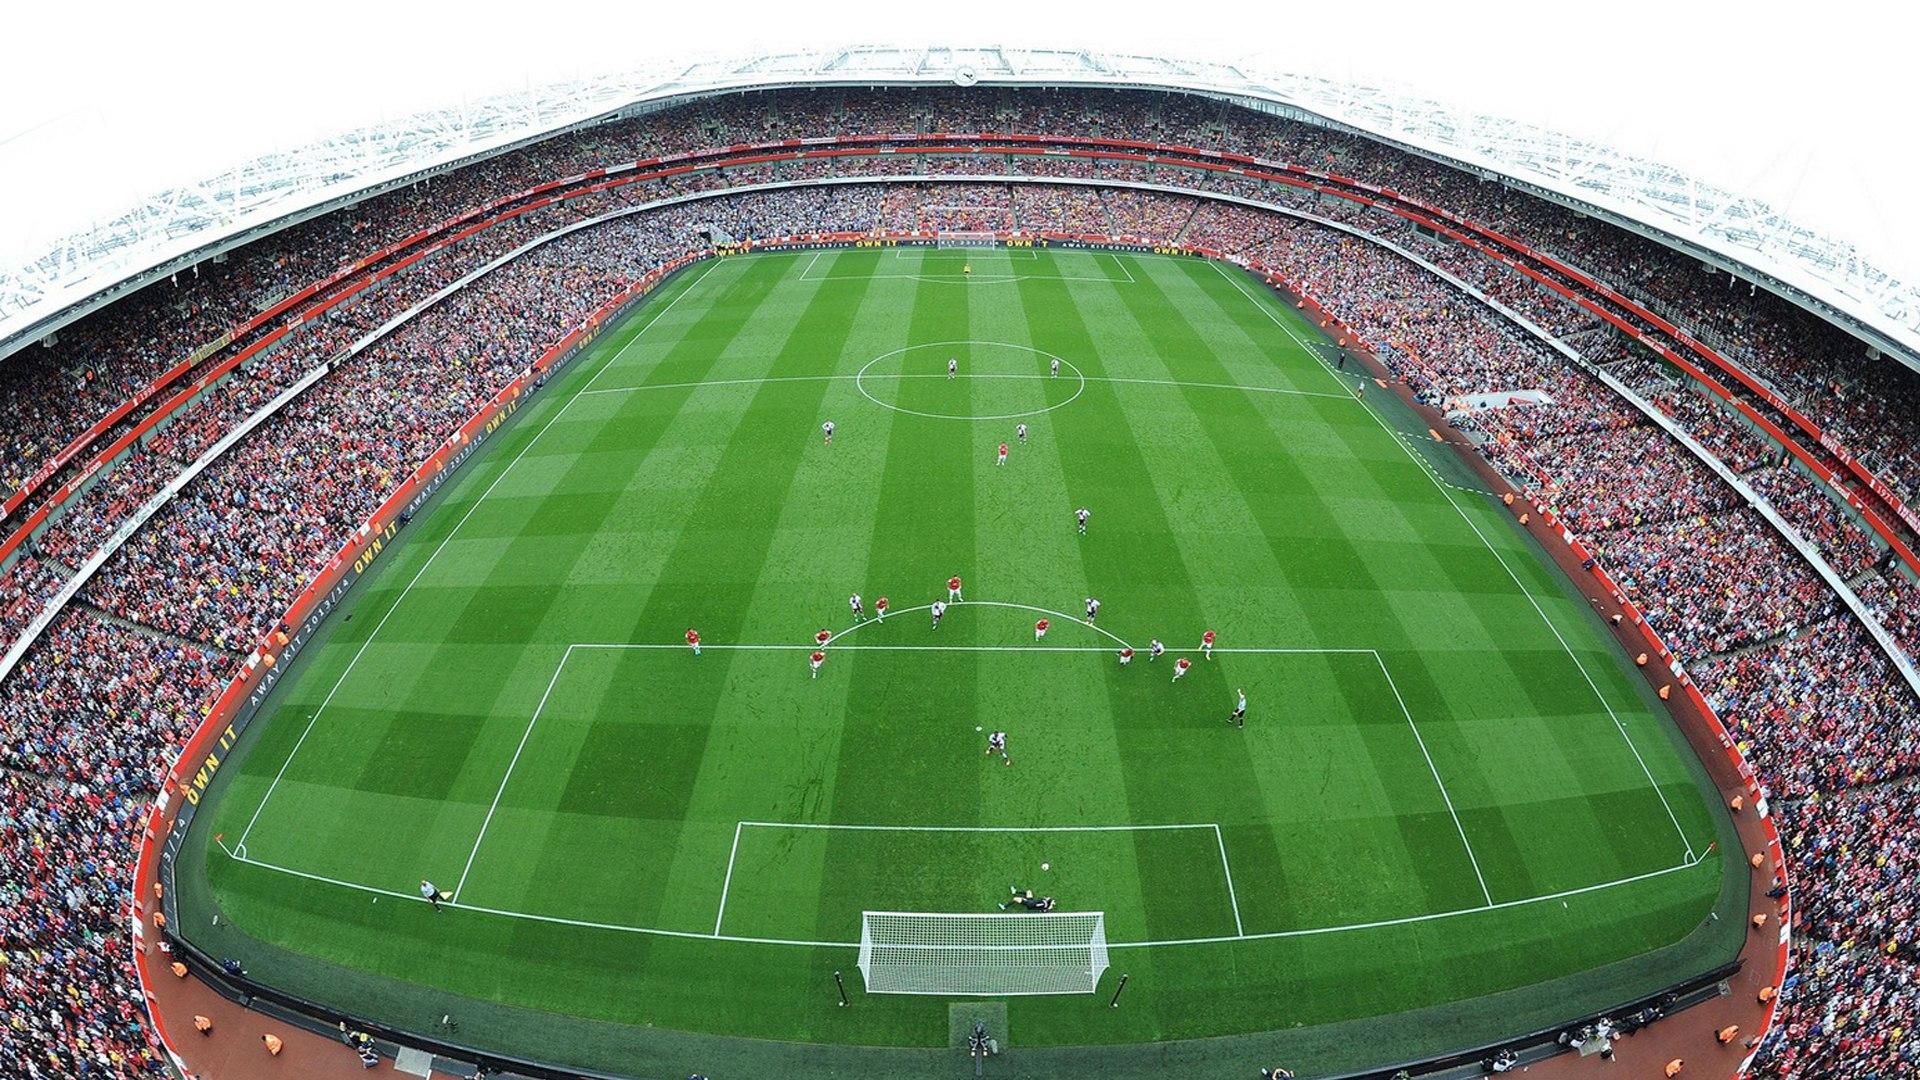 Открытки с видом стадиона, открытки